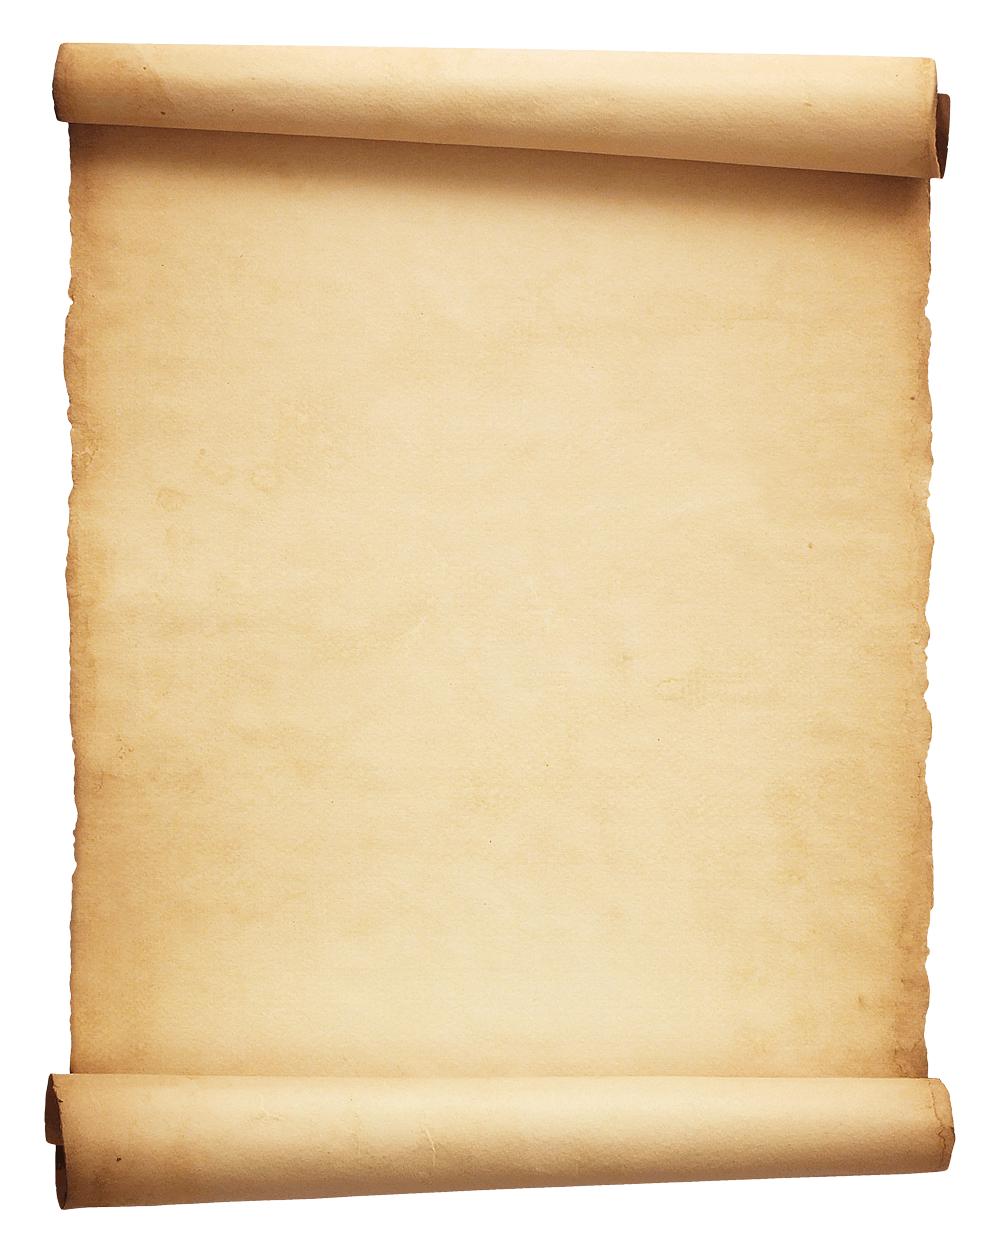 Paper Png Transparent